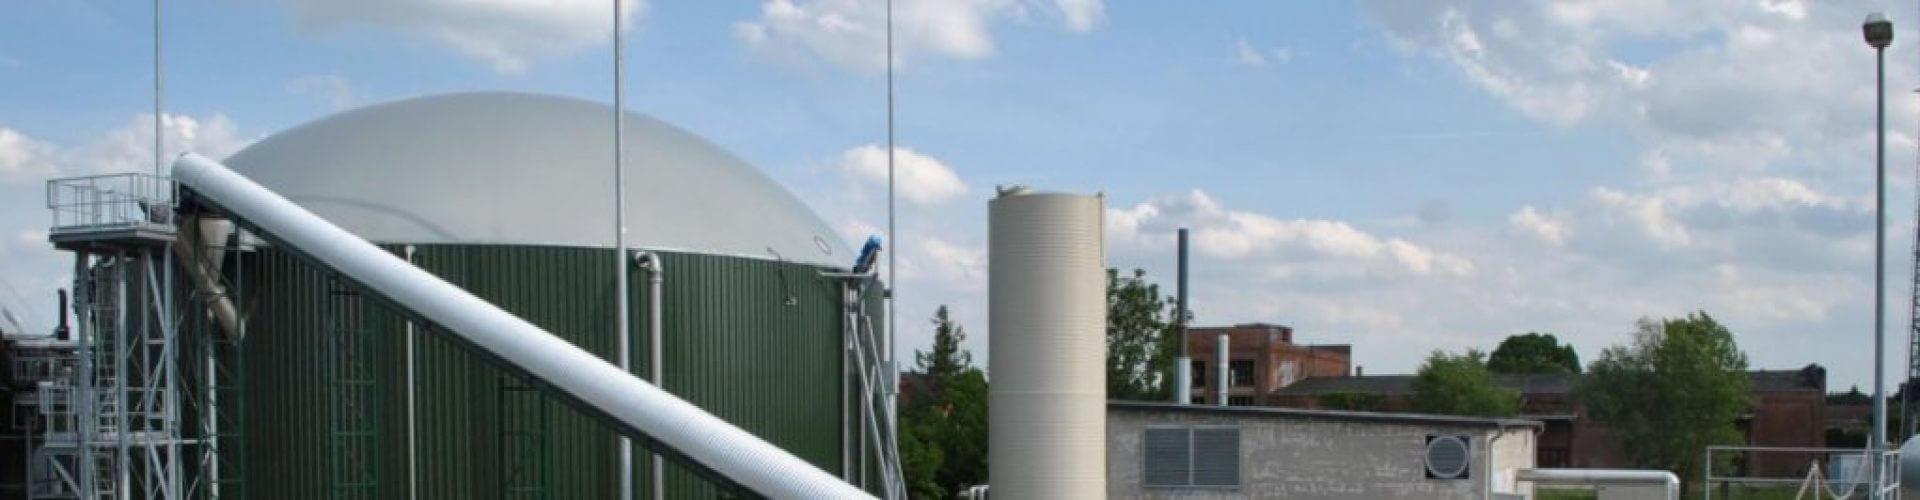 Bioenergieanlagen